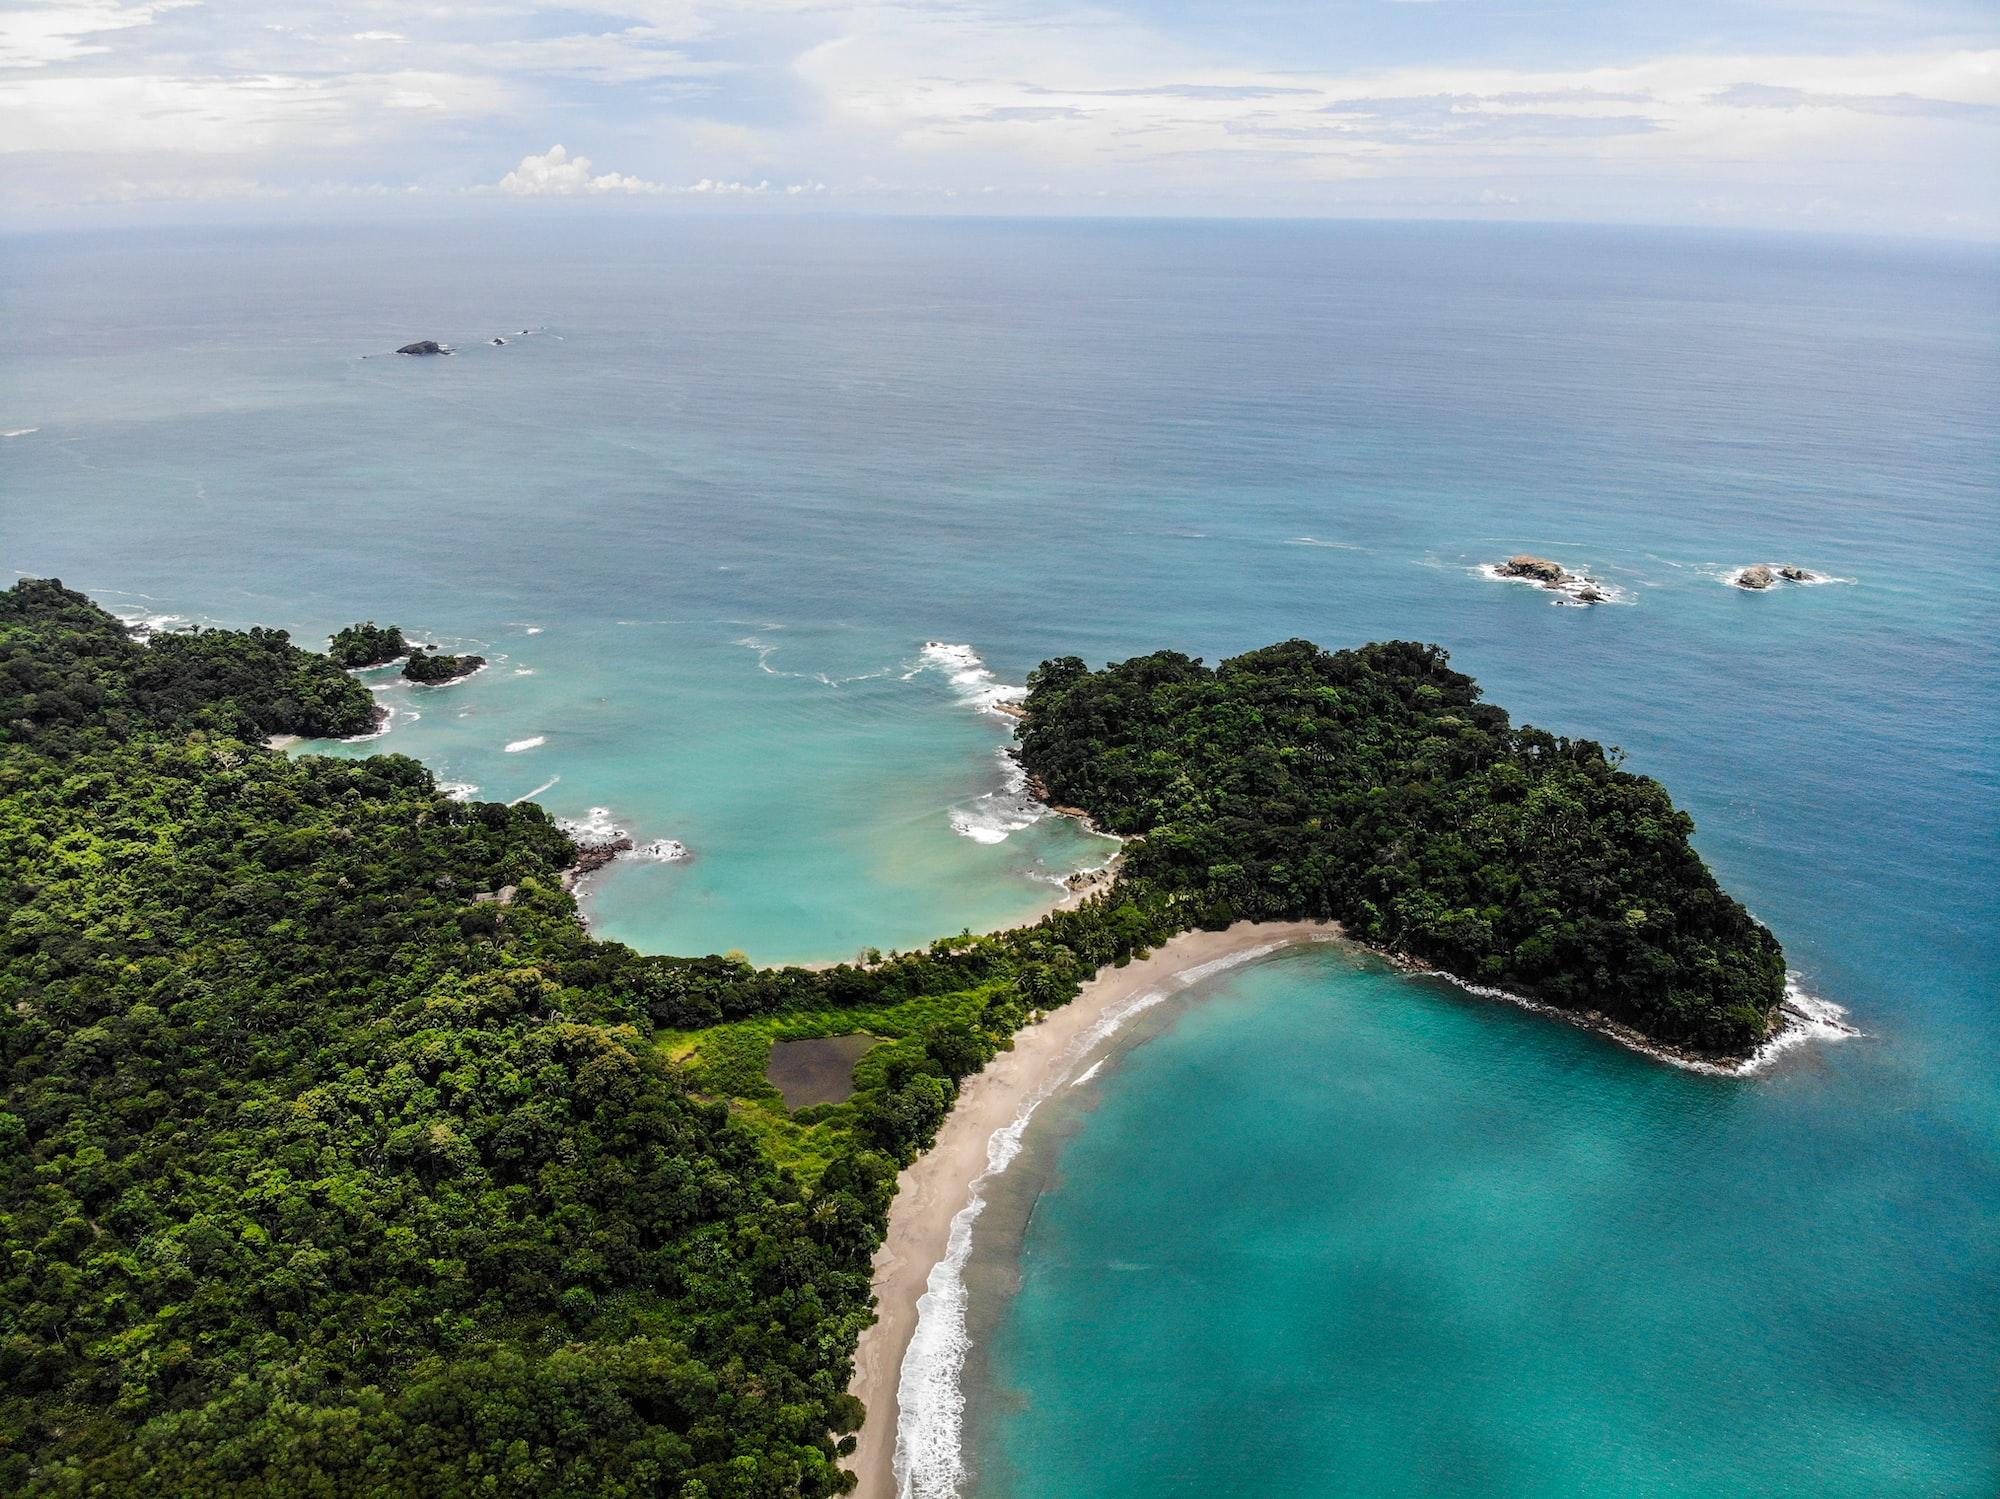 Costa Rica 🇨🇷